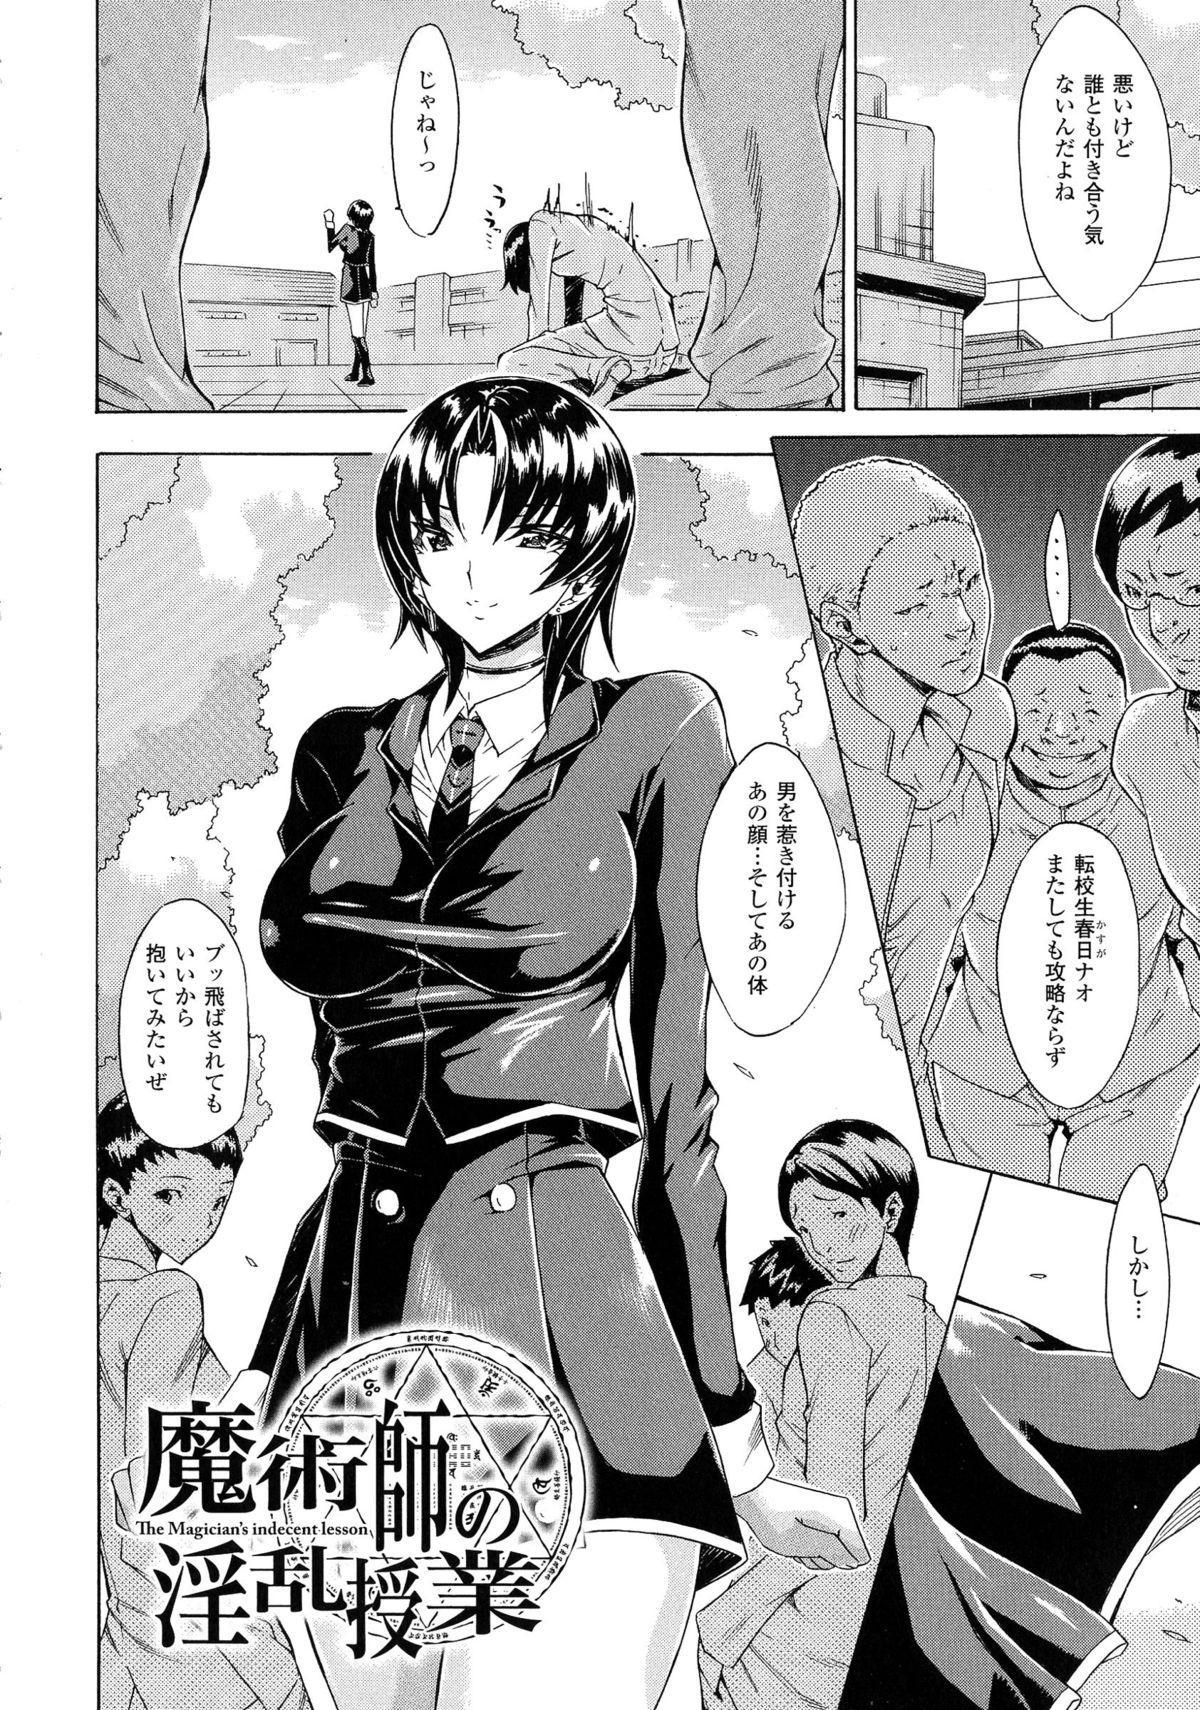 Kachiki na Onna ga Buzama na Ahegao o Sarasu made 101